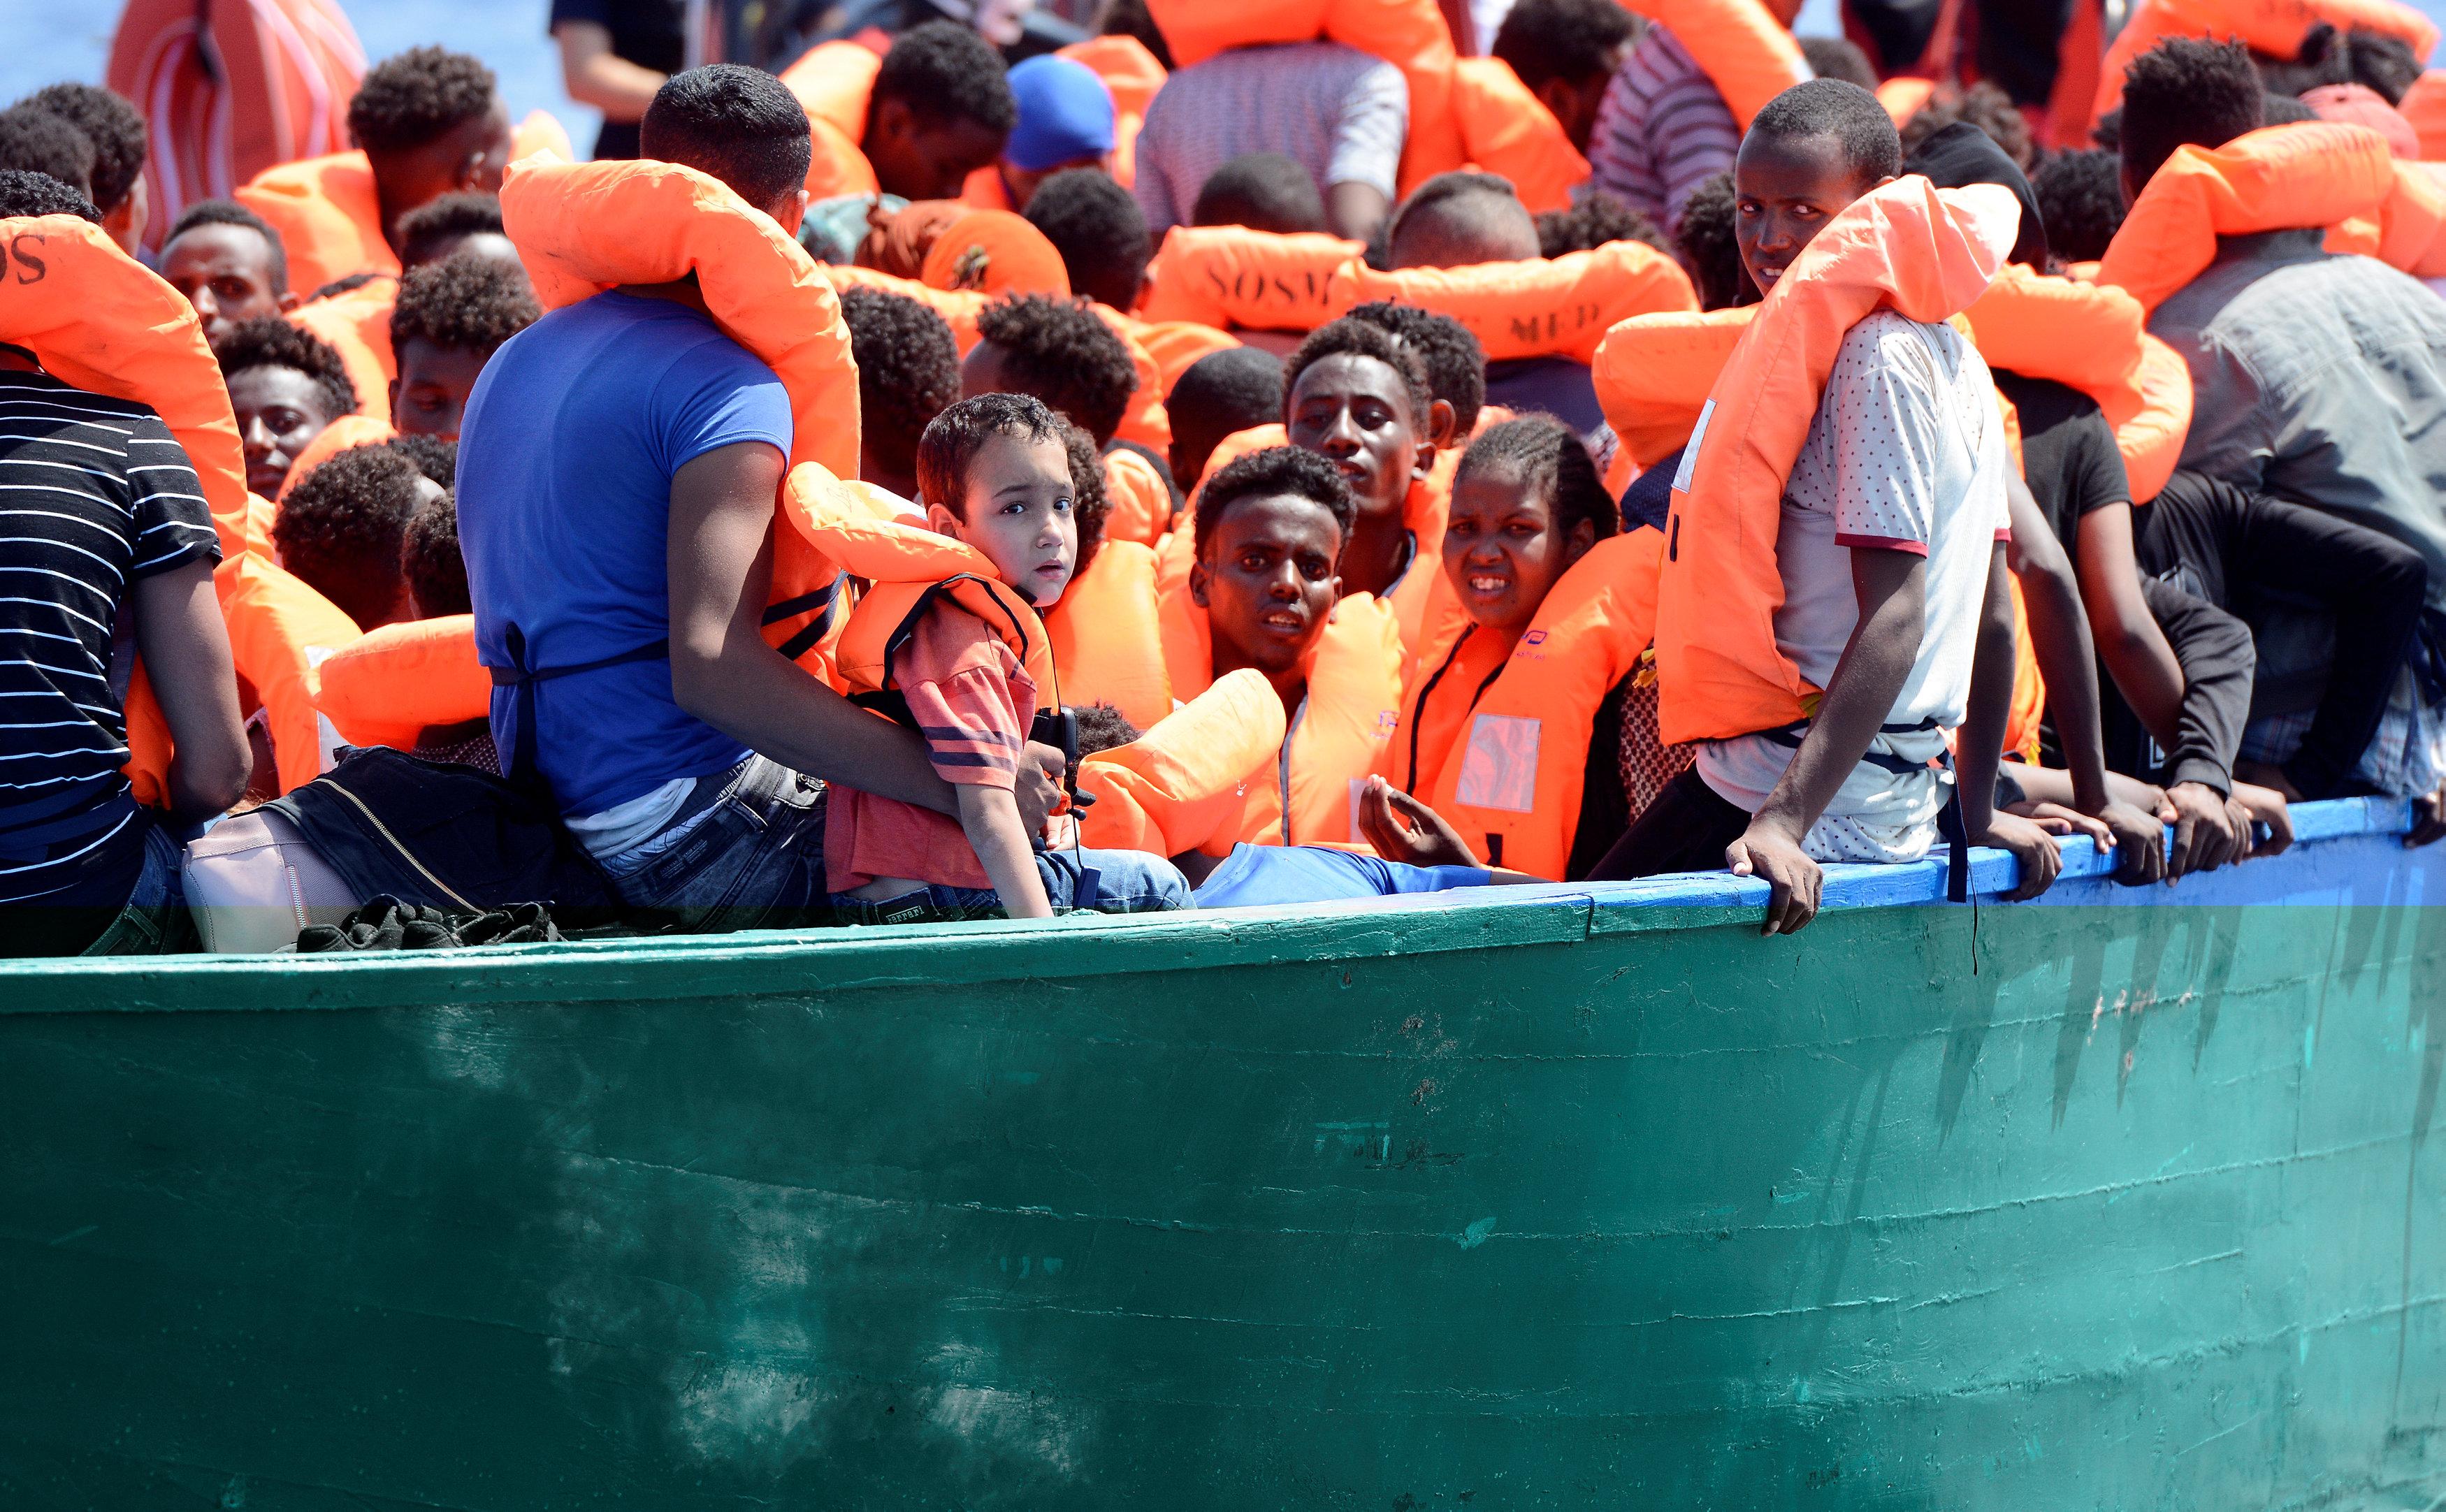 المهاجرين الافرقه على متن القارب الخشبى